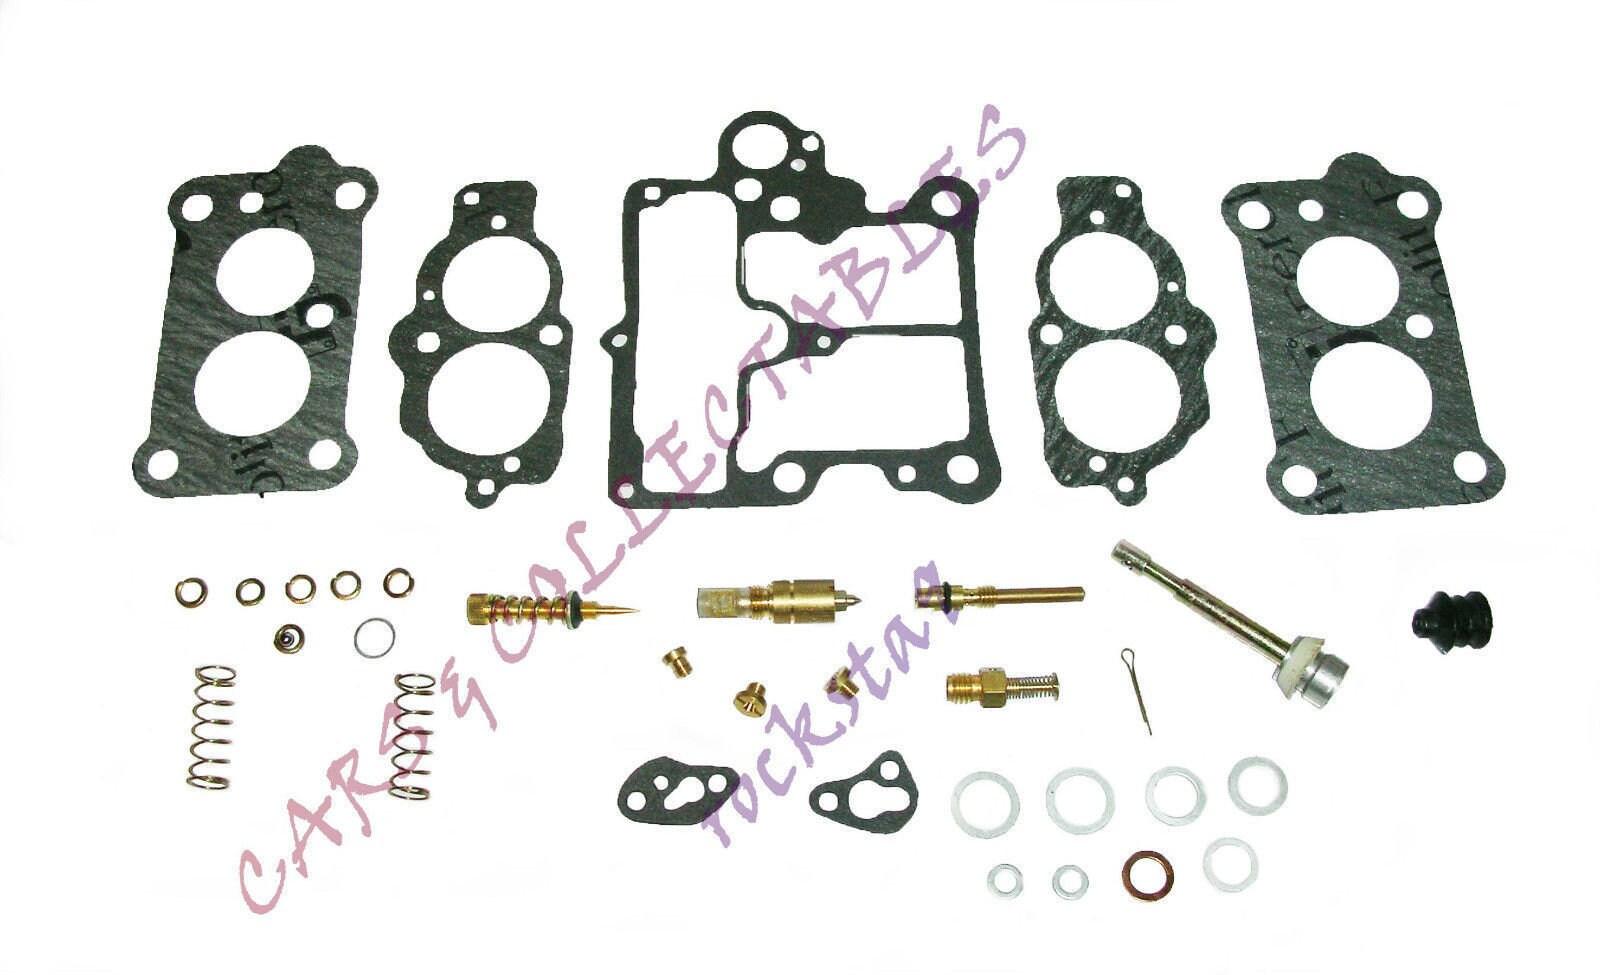 Suzuki Carburettor Carburetor Kit Sierra Samurai Drover Sj413 Etsy Gearbox Rebuild Image 0